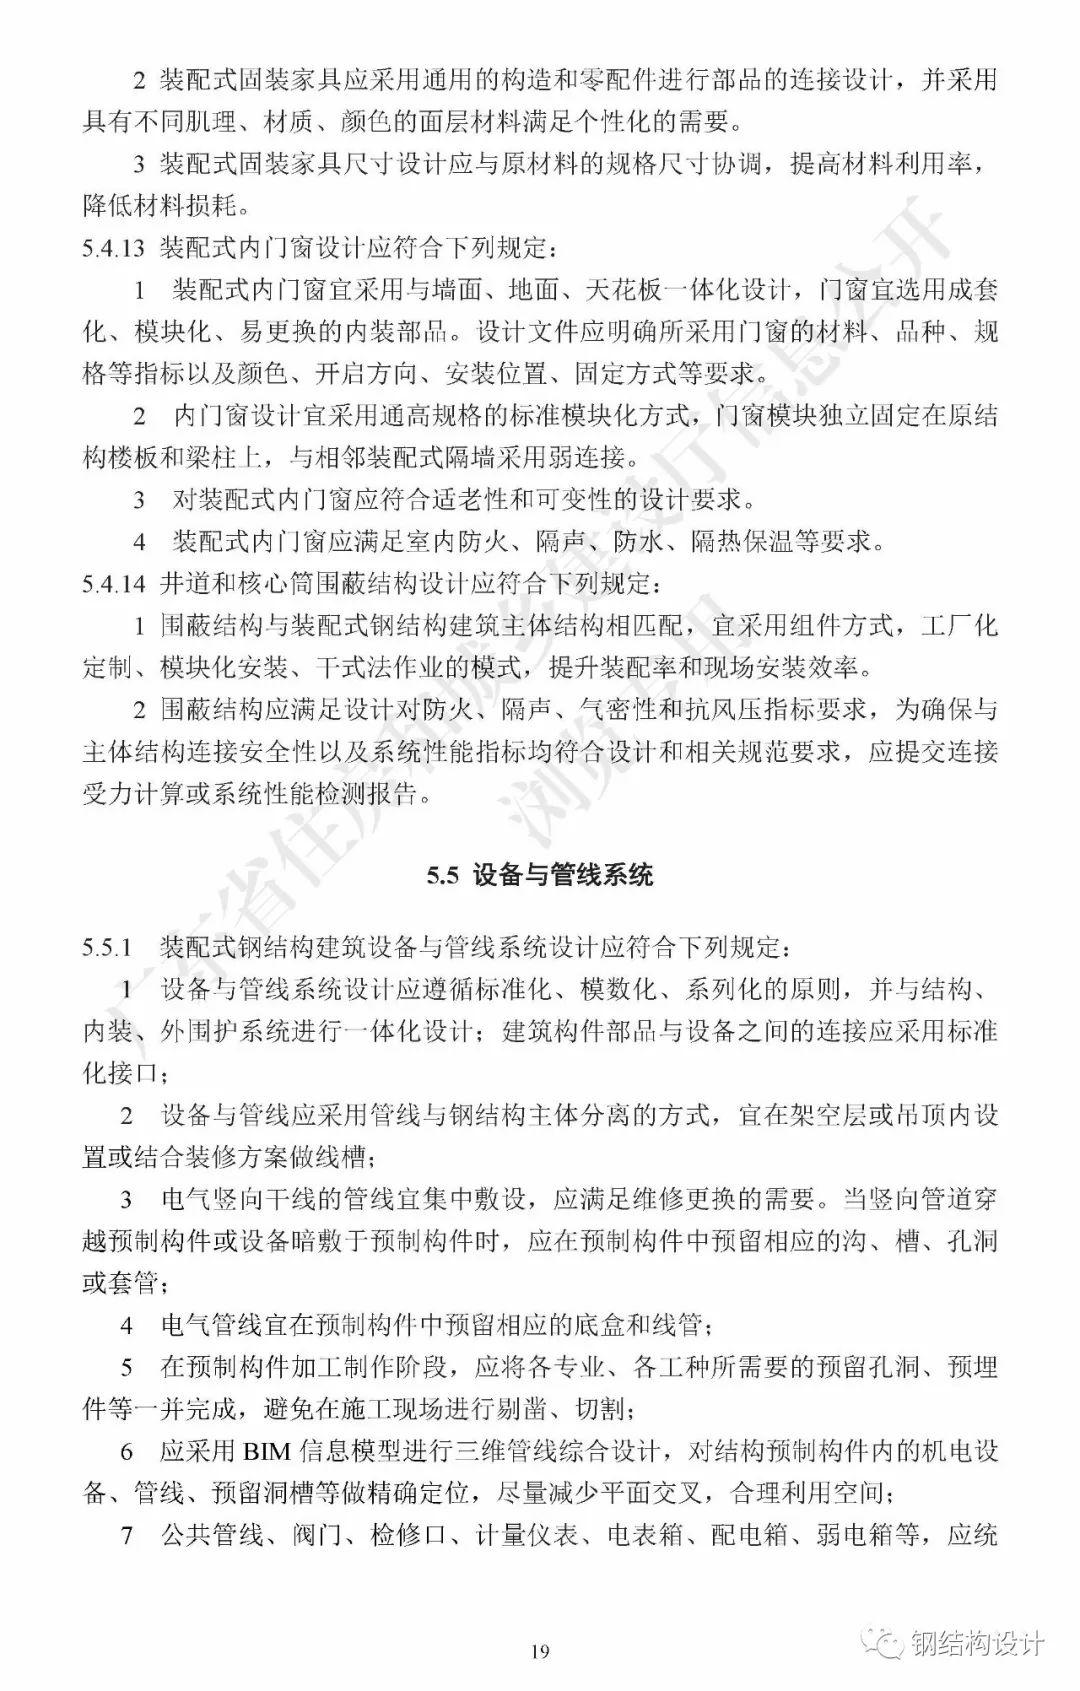 广东省《装配式钢结构建筑技术规程》发布_29